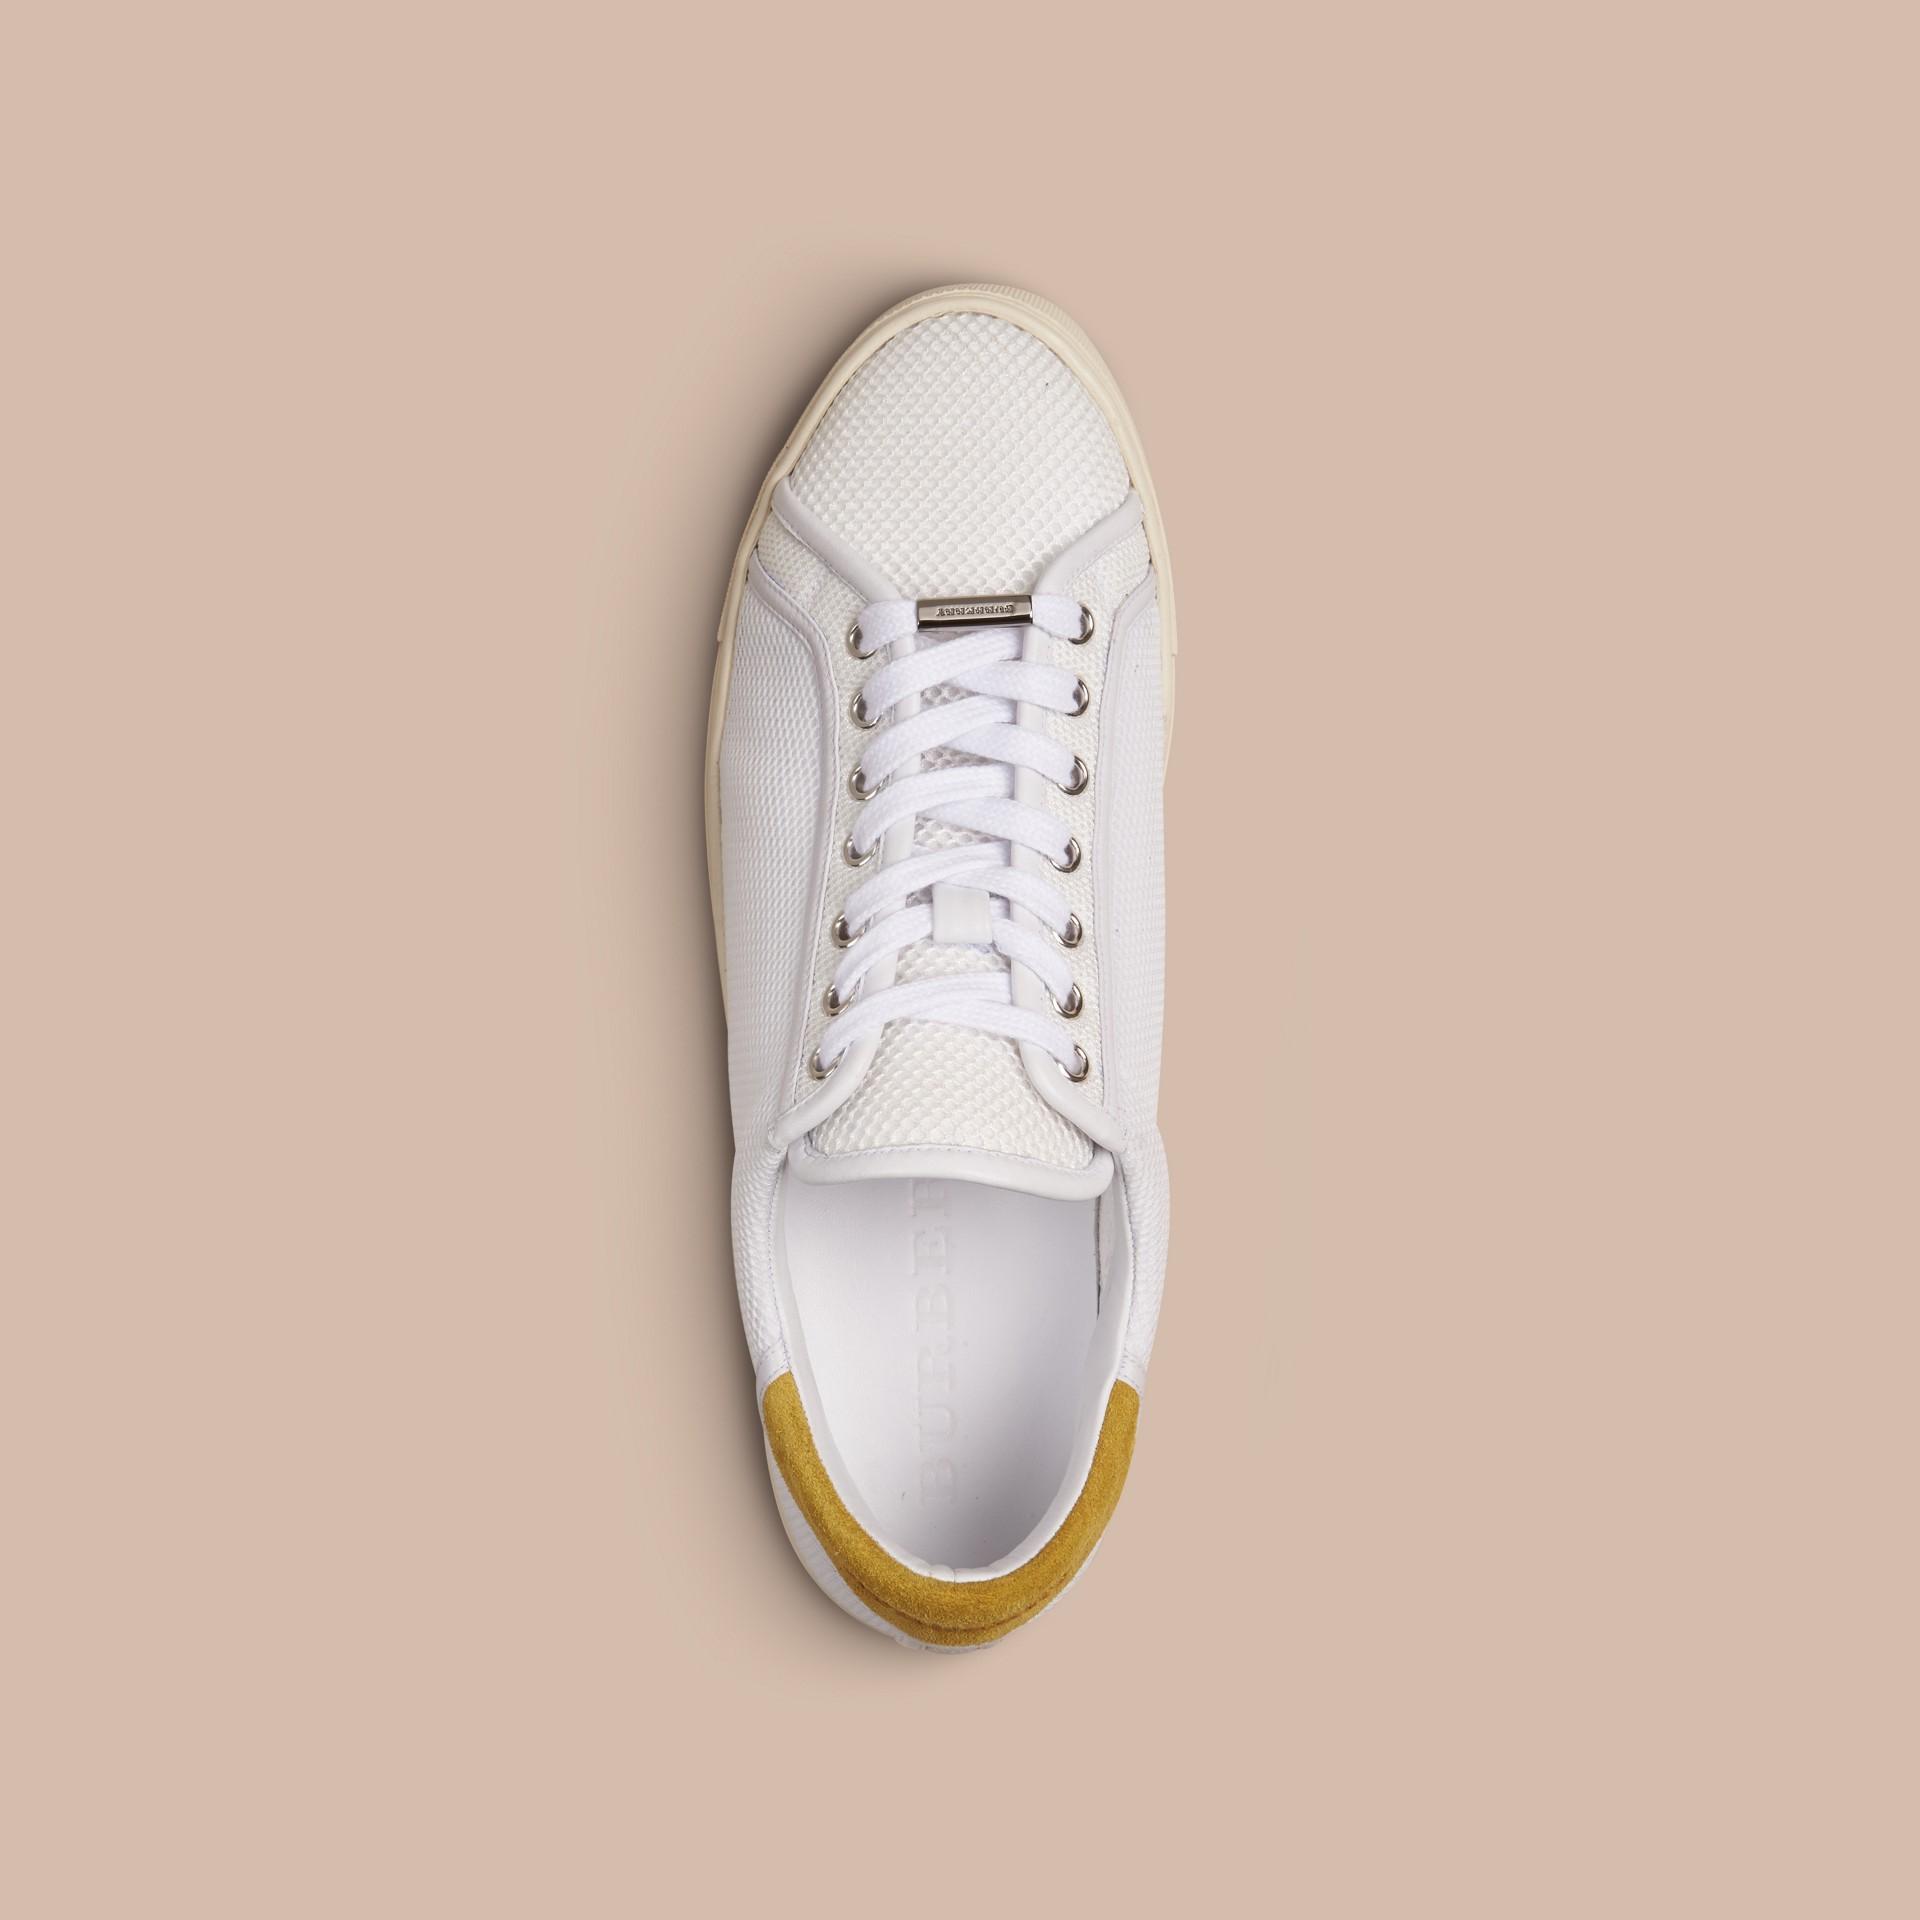 Белый / горчичный желтый Кроссовки с отделкой из кожи Белый / Горчичный Желтый - изображение 2